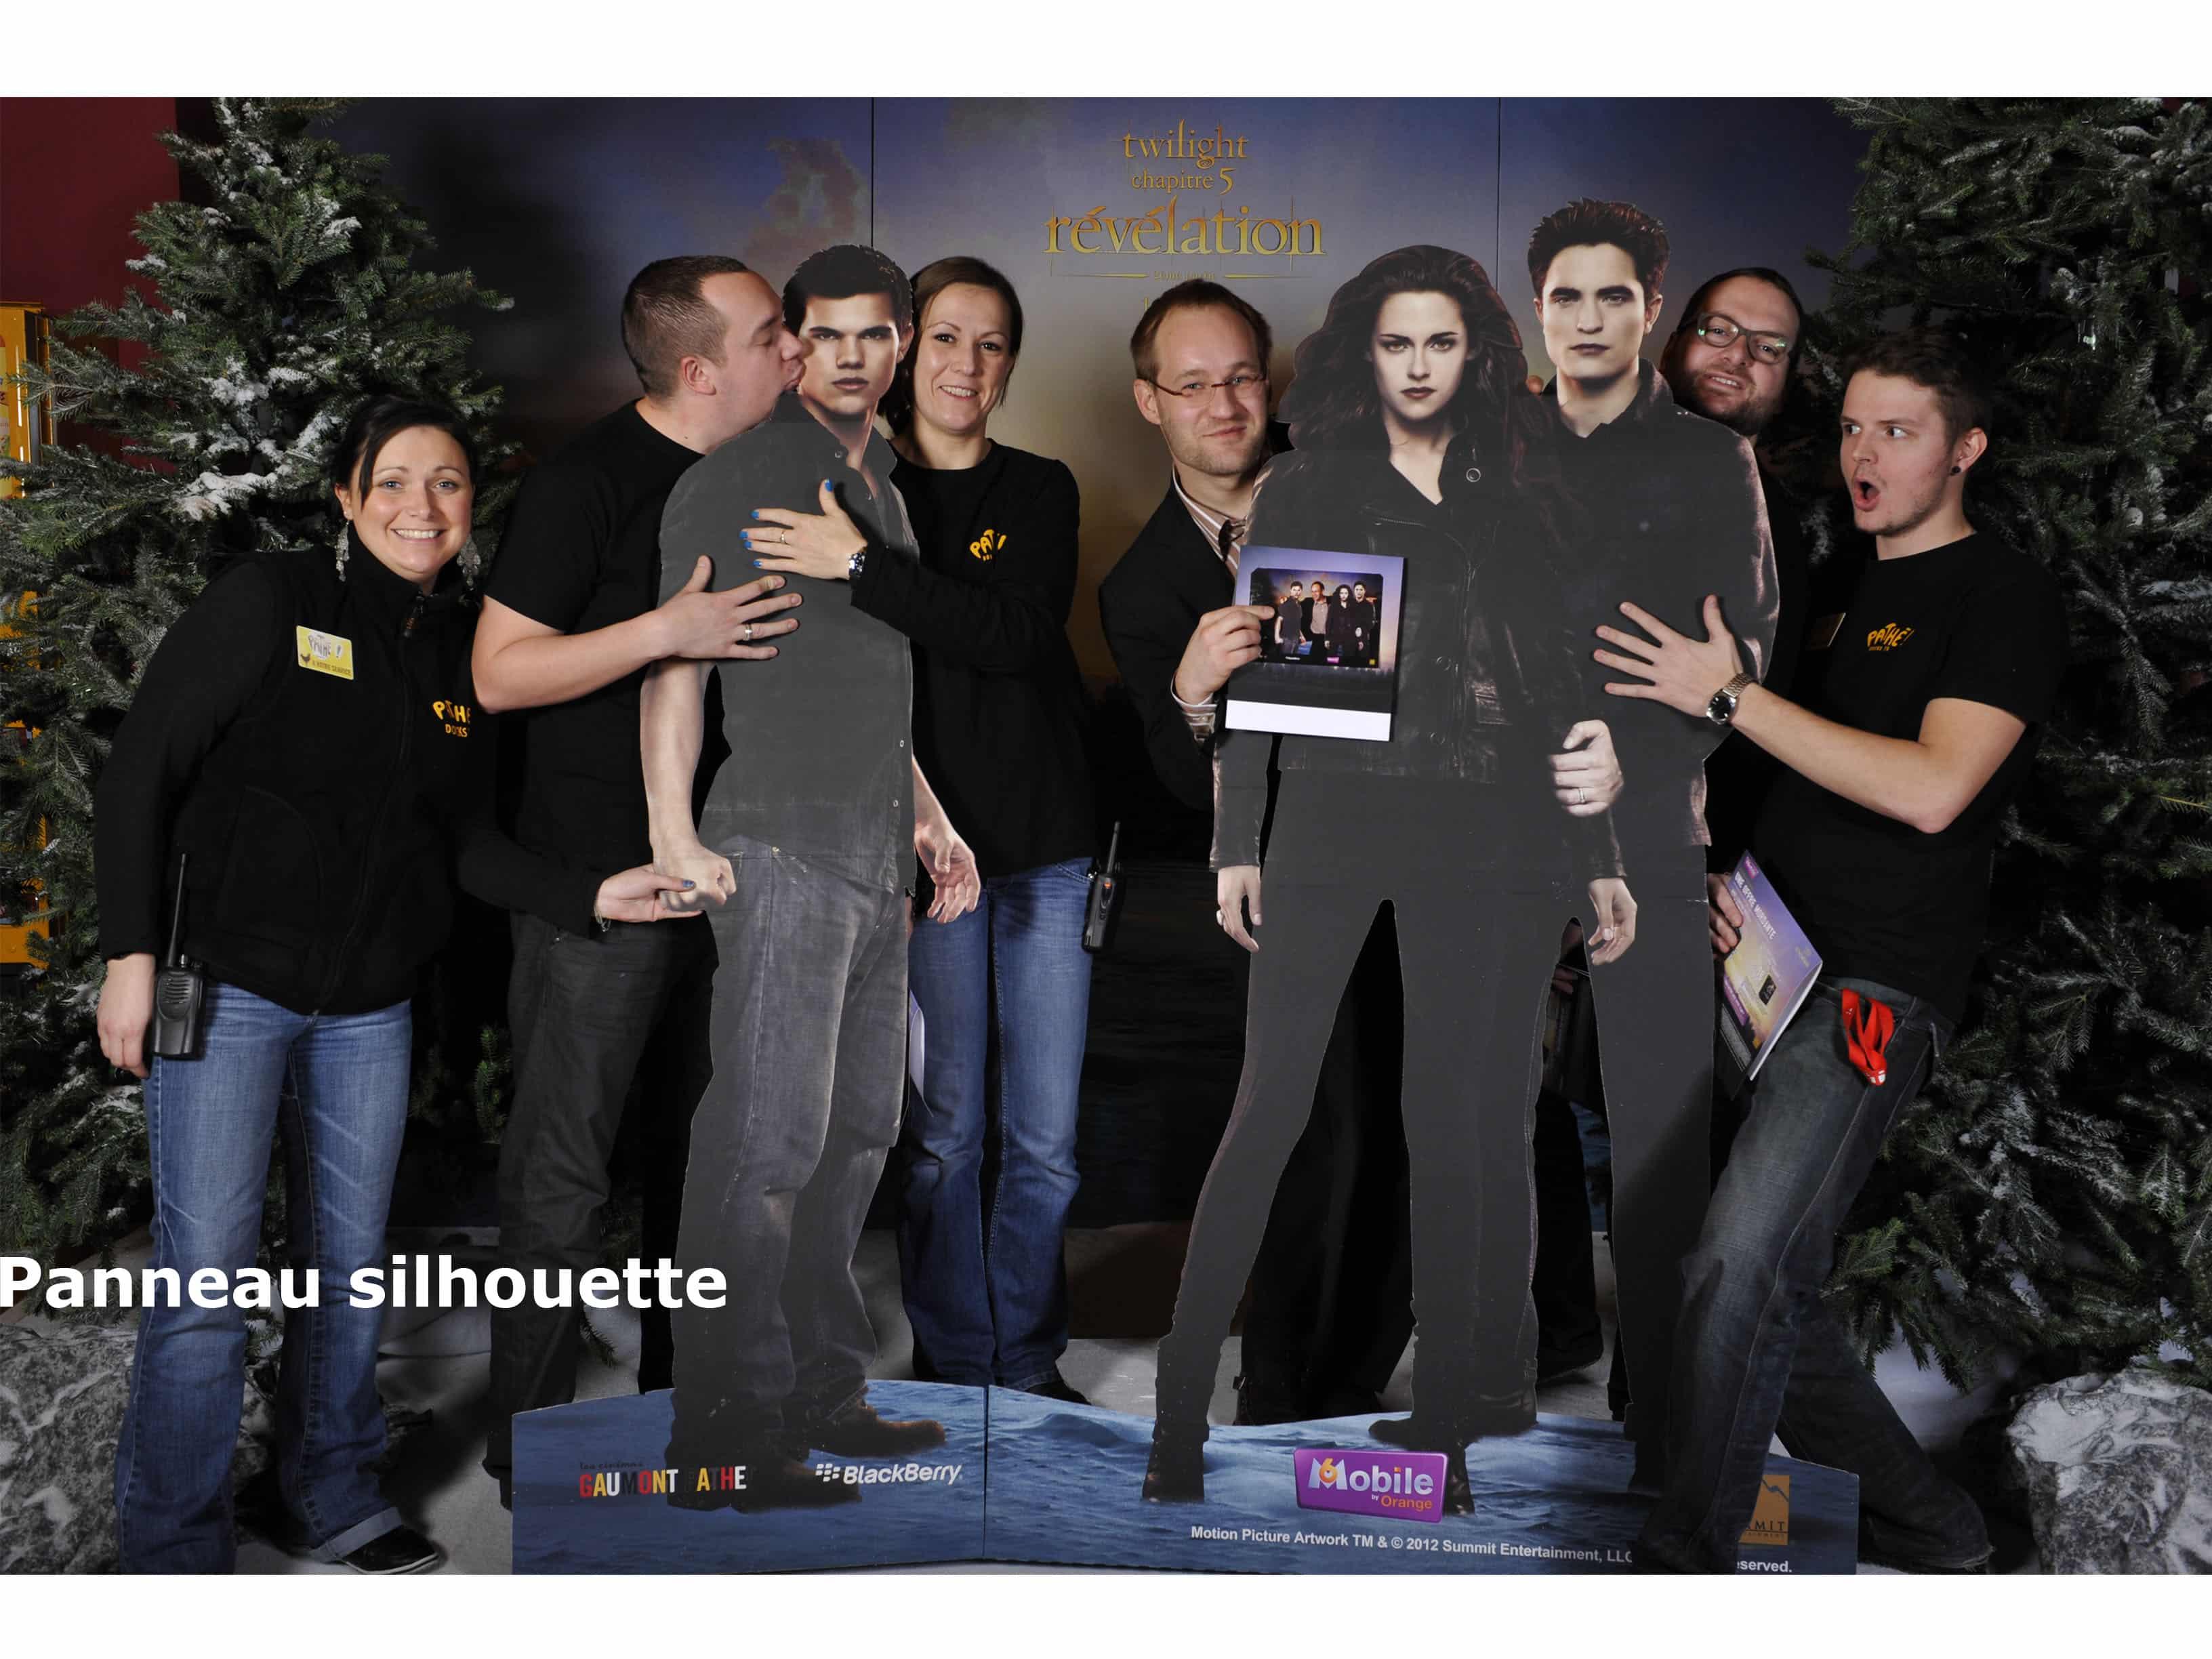 panneaux silhouettes photobooth 2 - Effets photo en live